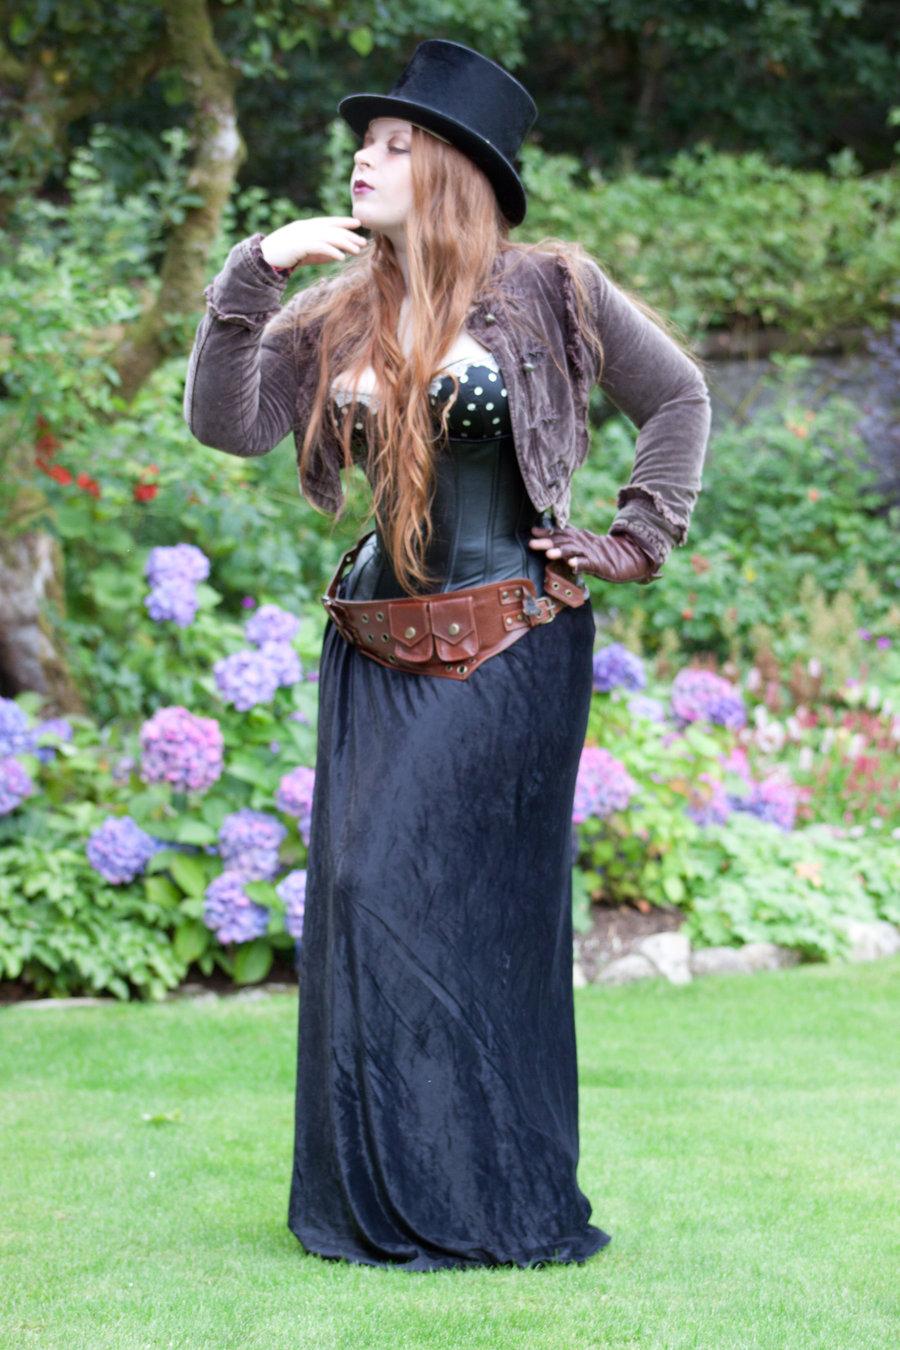 Steampunk lady in the garden by NightPhoenixFire